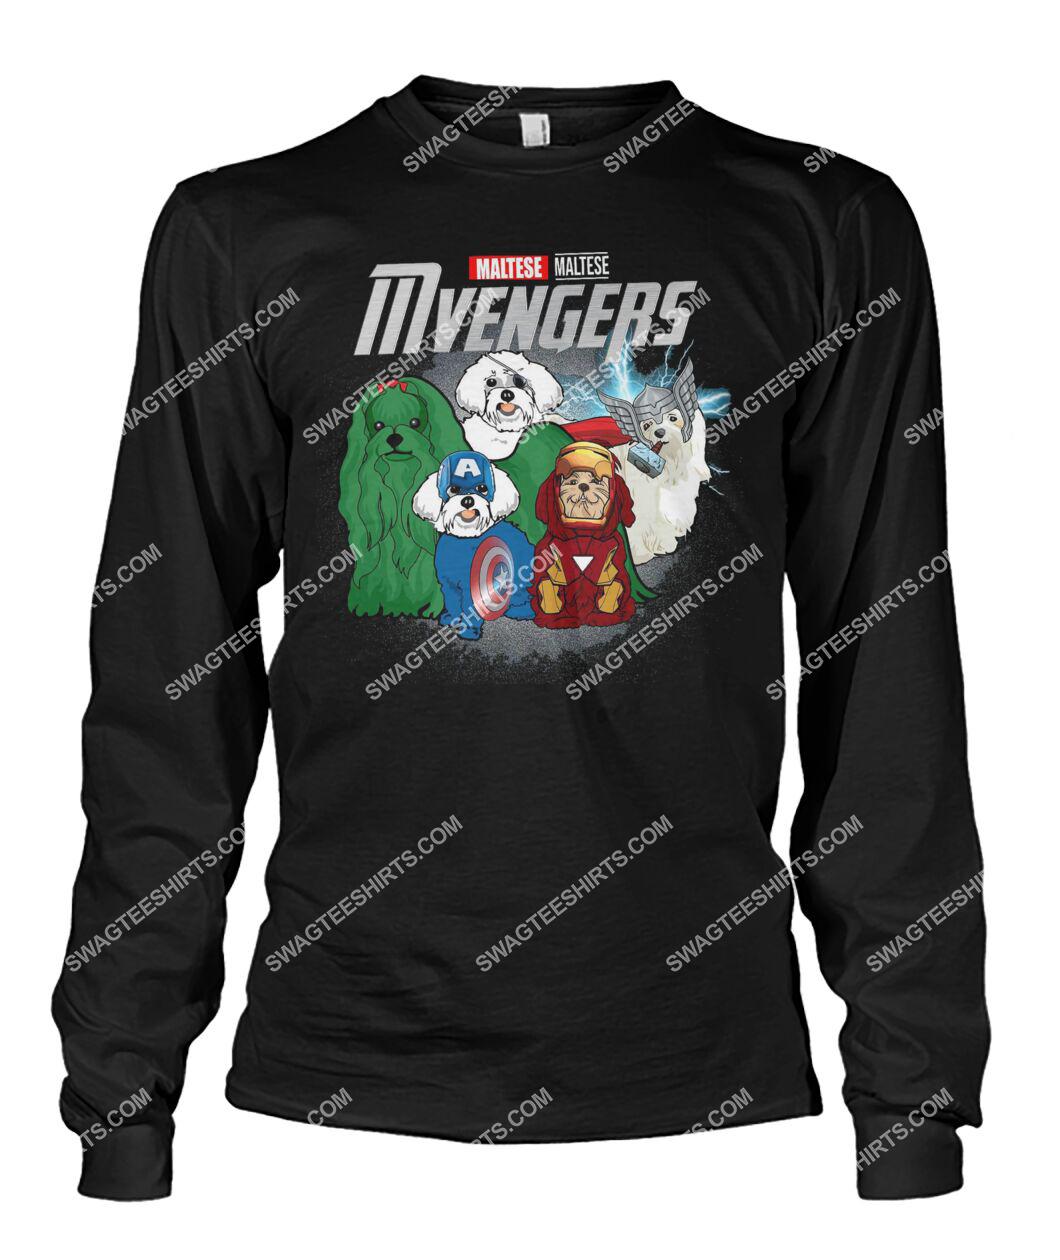 maltese mvengers marvel avengers dogs lover sweatshirt 1